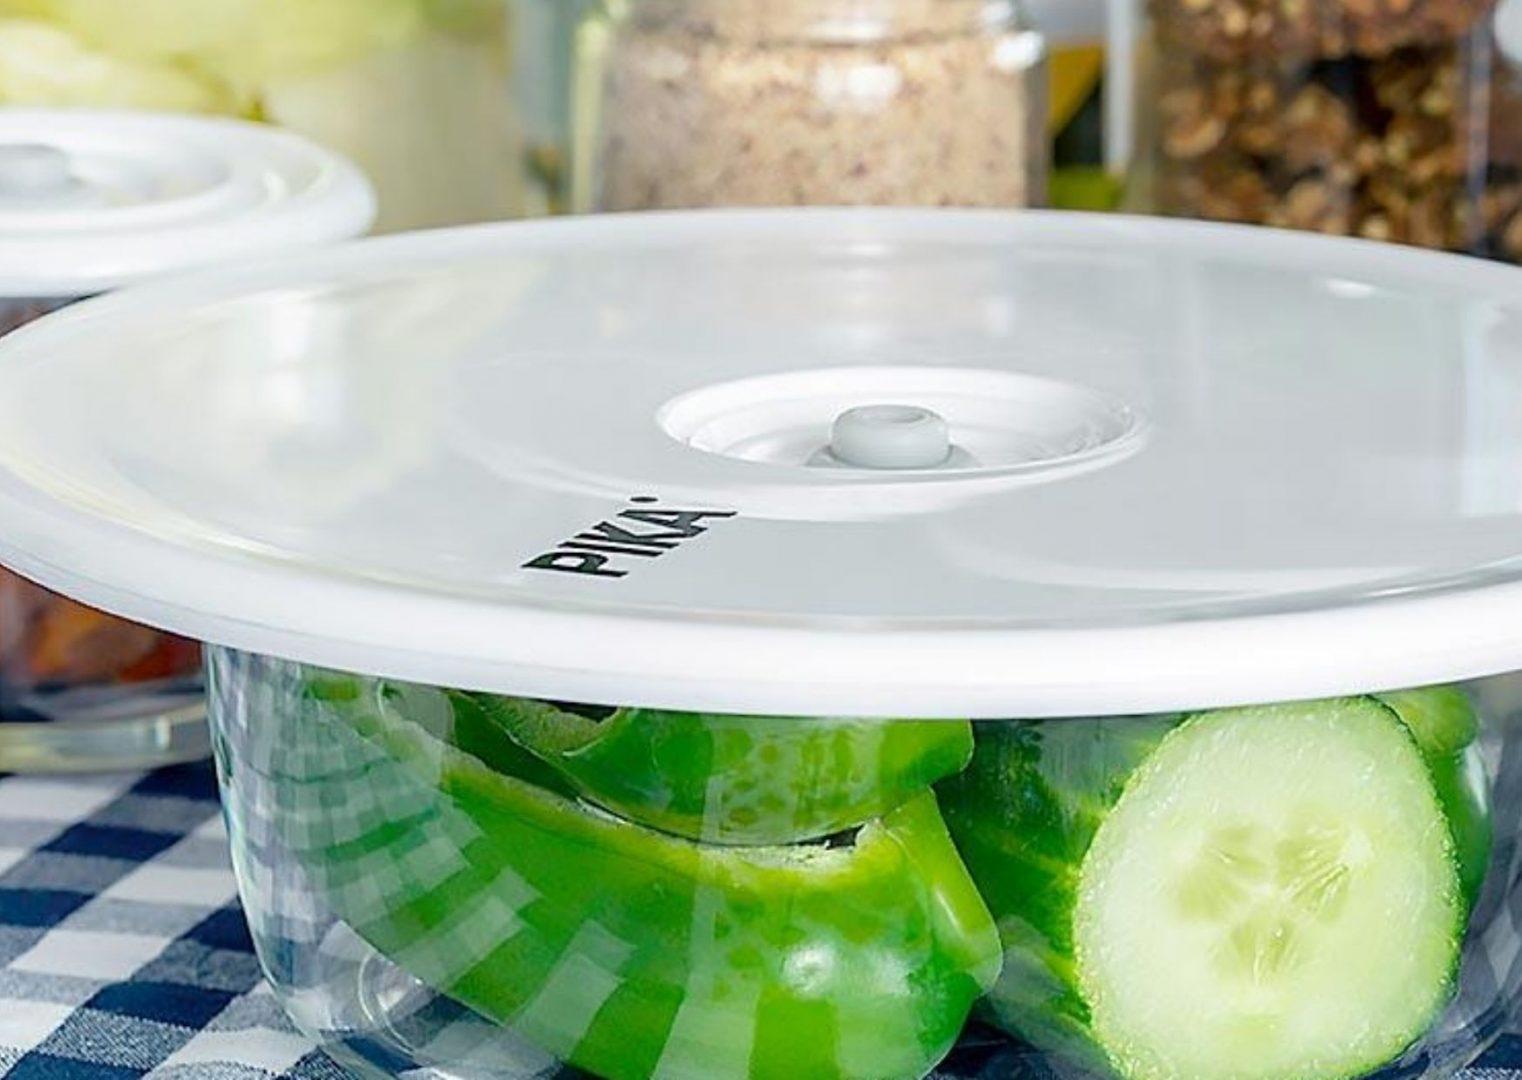 decouvrez les nouveaux produits pour conserver sous vide à la maison.